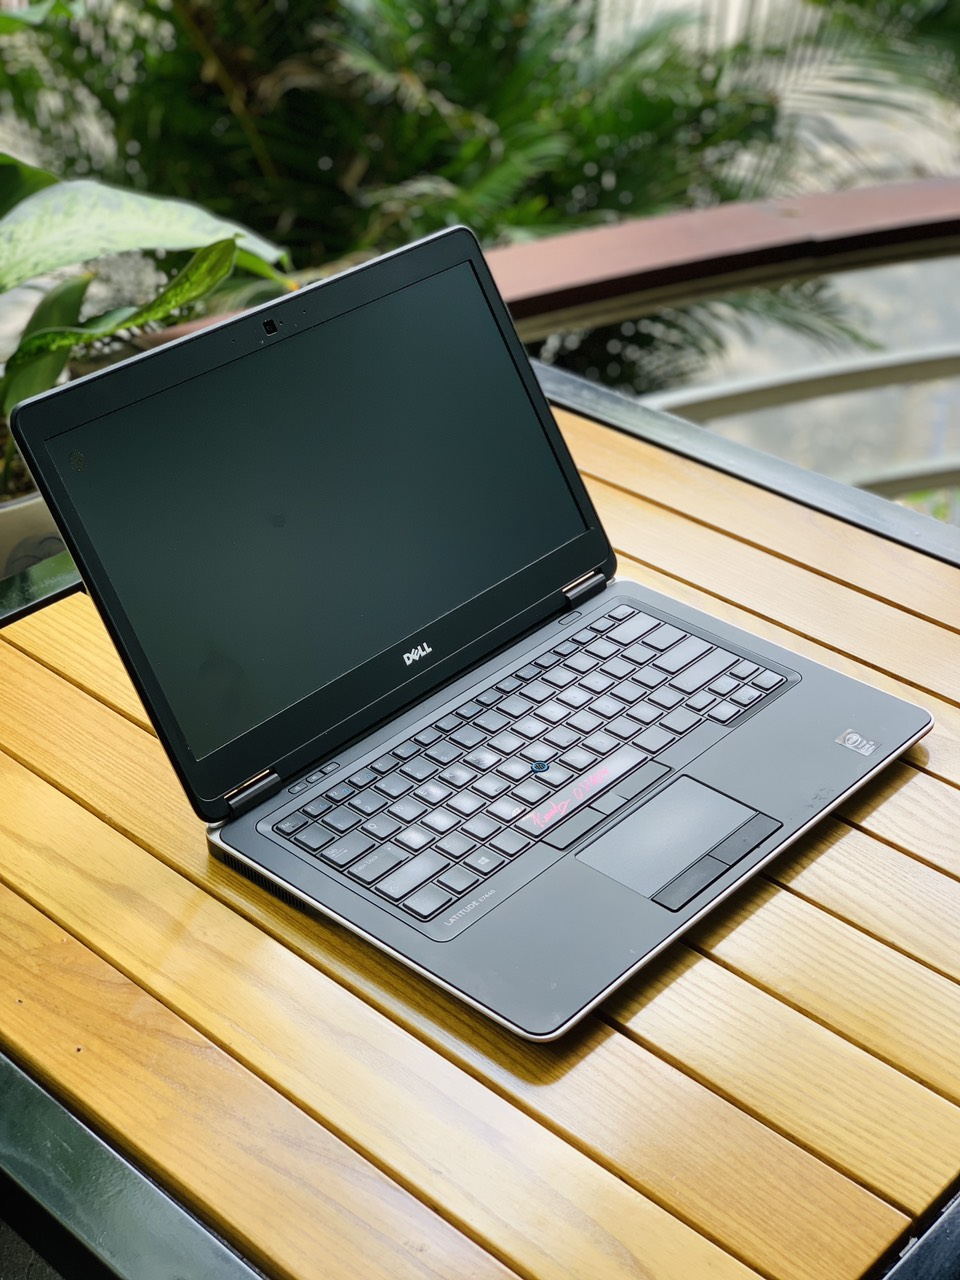 3 Dell latitude E7440 Core I5-4310U Ram 8G, Ssd 256GB, MH Full HD 14 inch, Zin 100 siêu bền mỏng đẹp